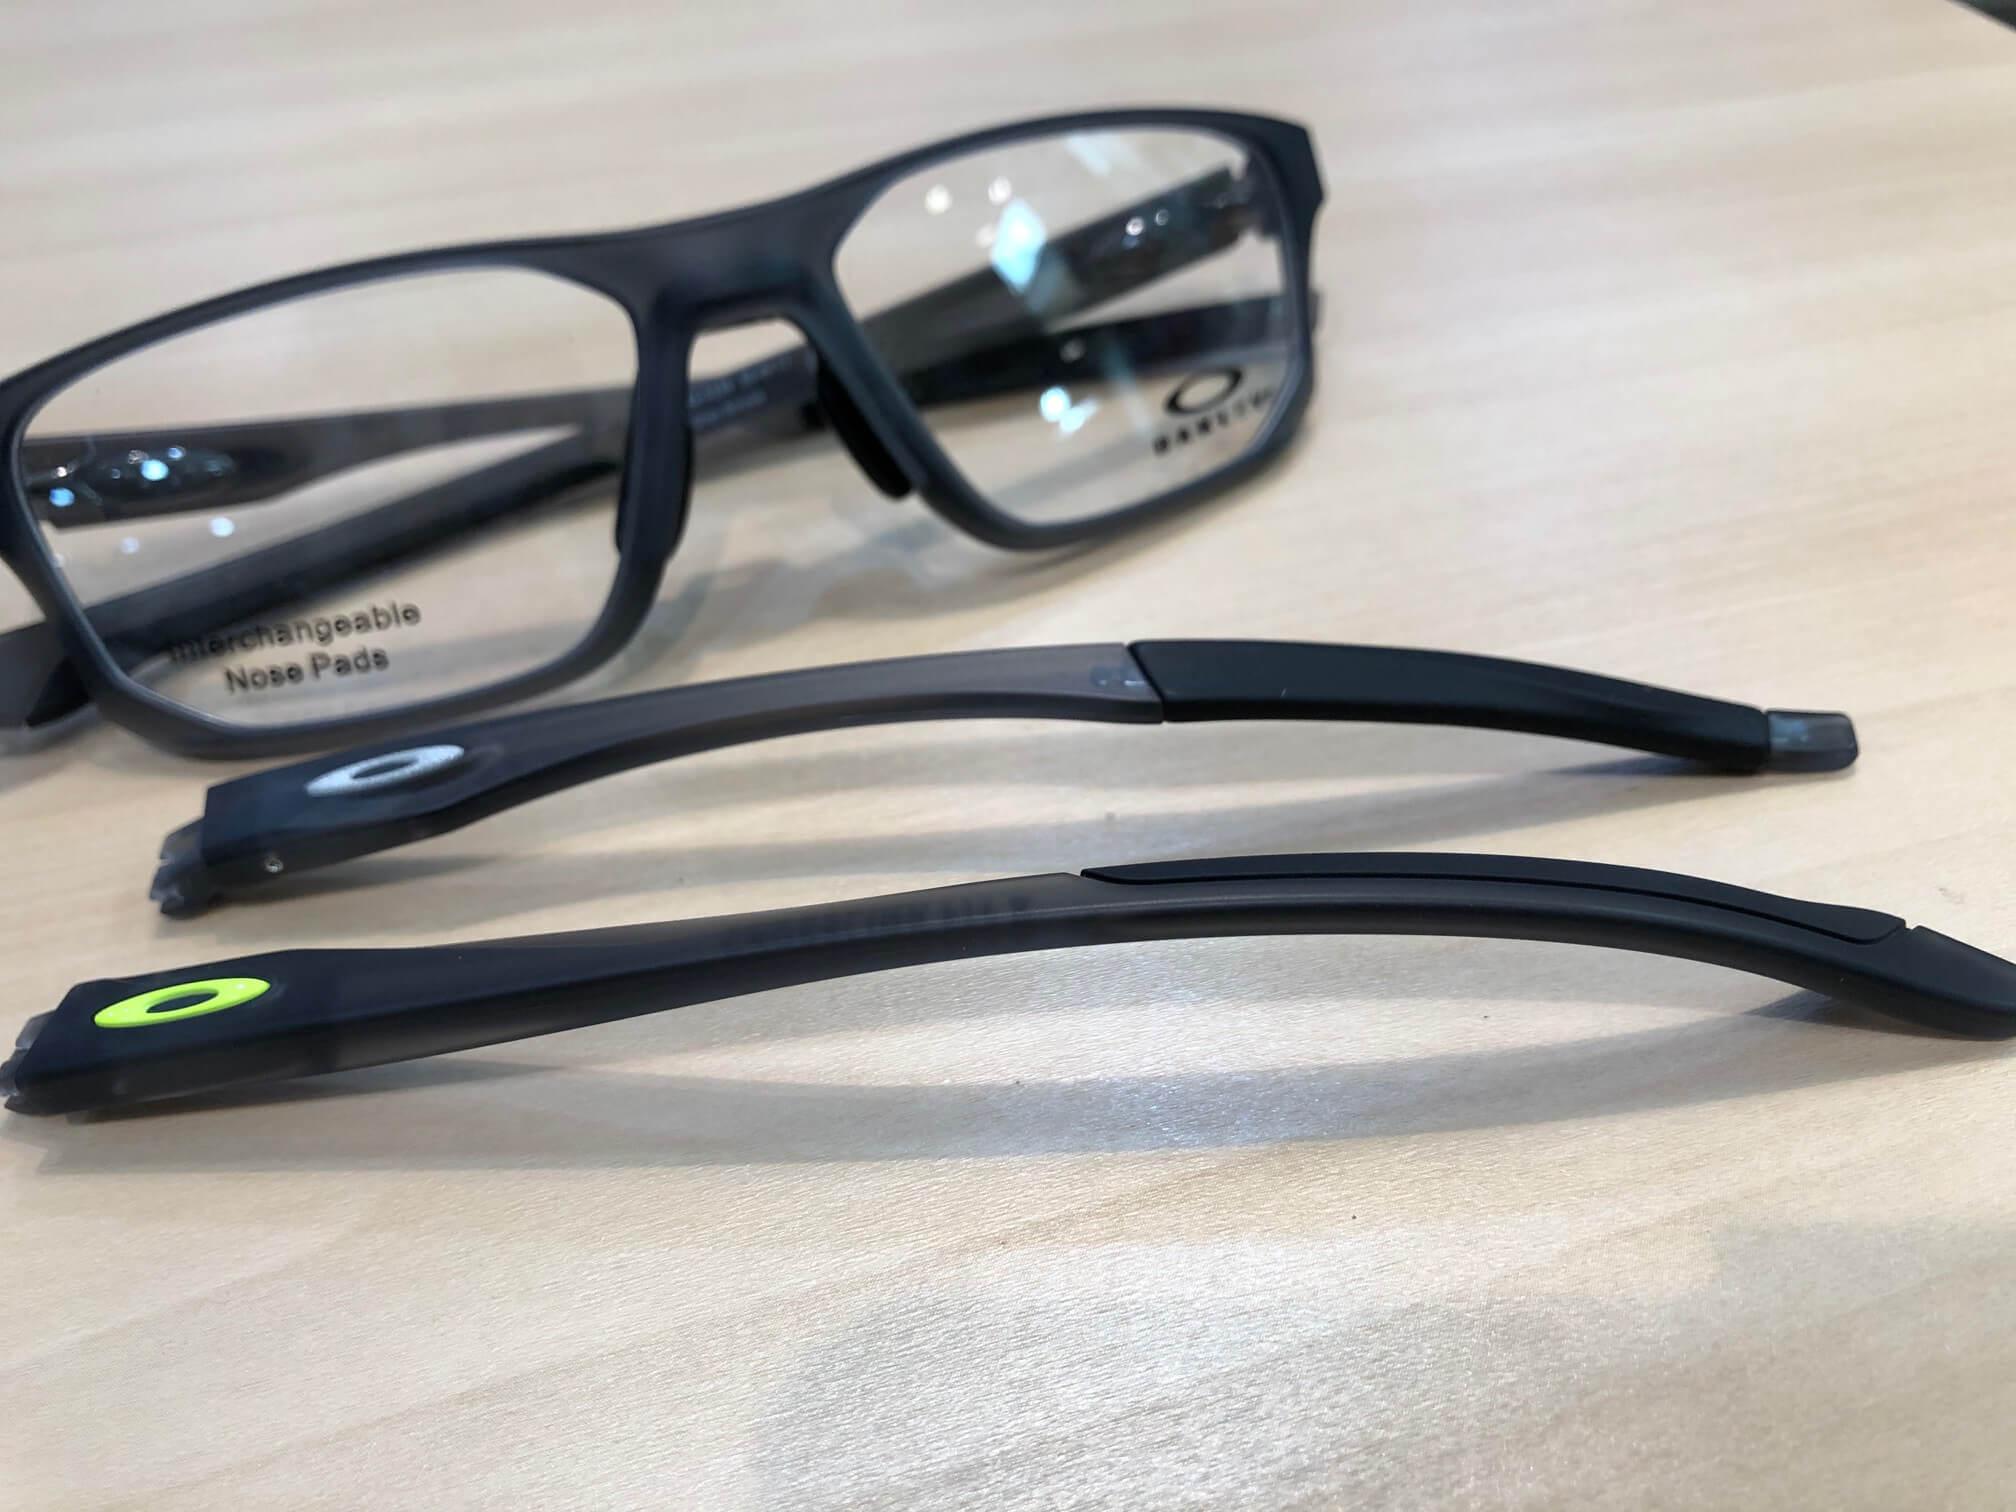 オークリークロスリンクフィットA 品番:OX8142 カラー:サティングレースモーク レンズサイズ:56ミリ